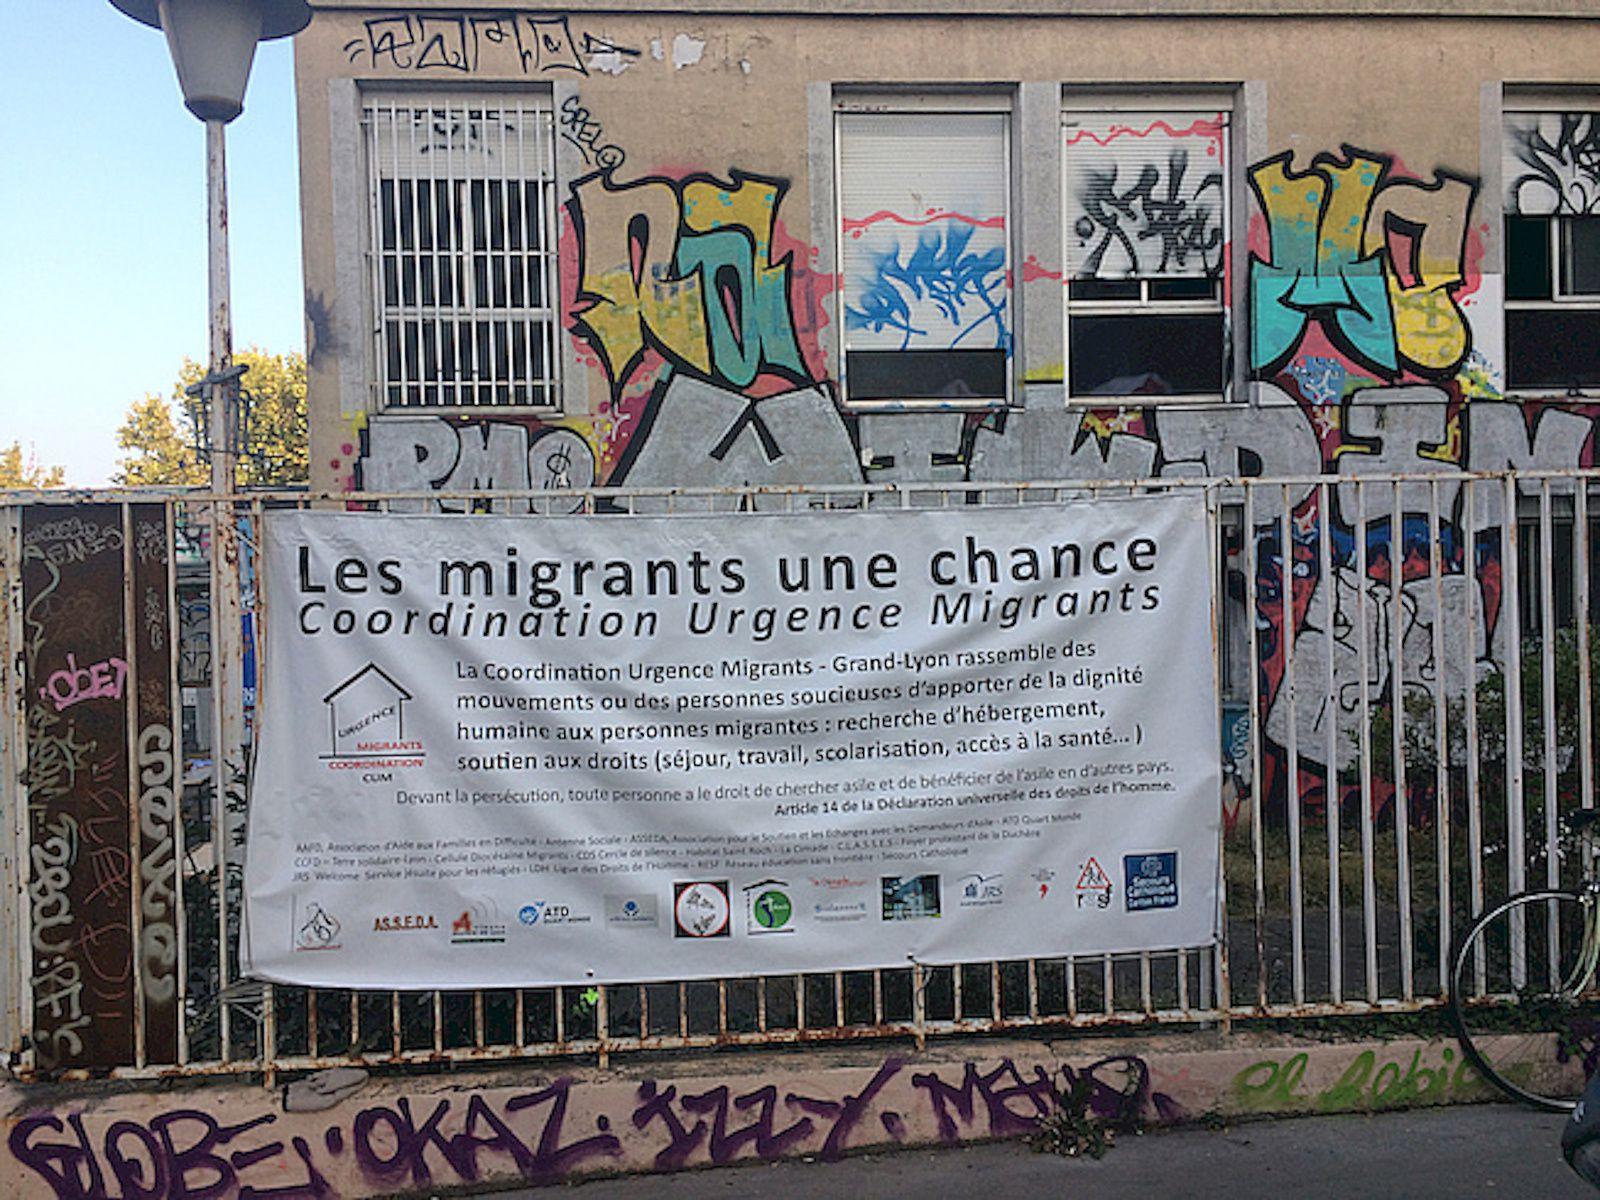 Migrants: Droit à la santé et accès aux soins ; les lieux de soins ; l'accompagnement des malades ; actions de l'Etat